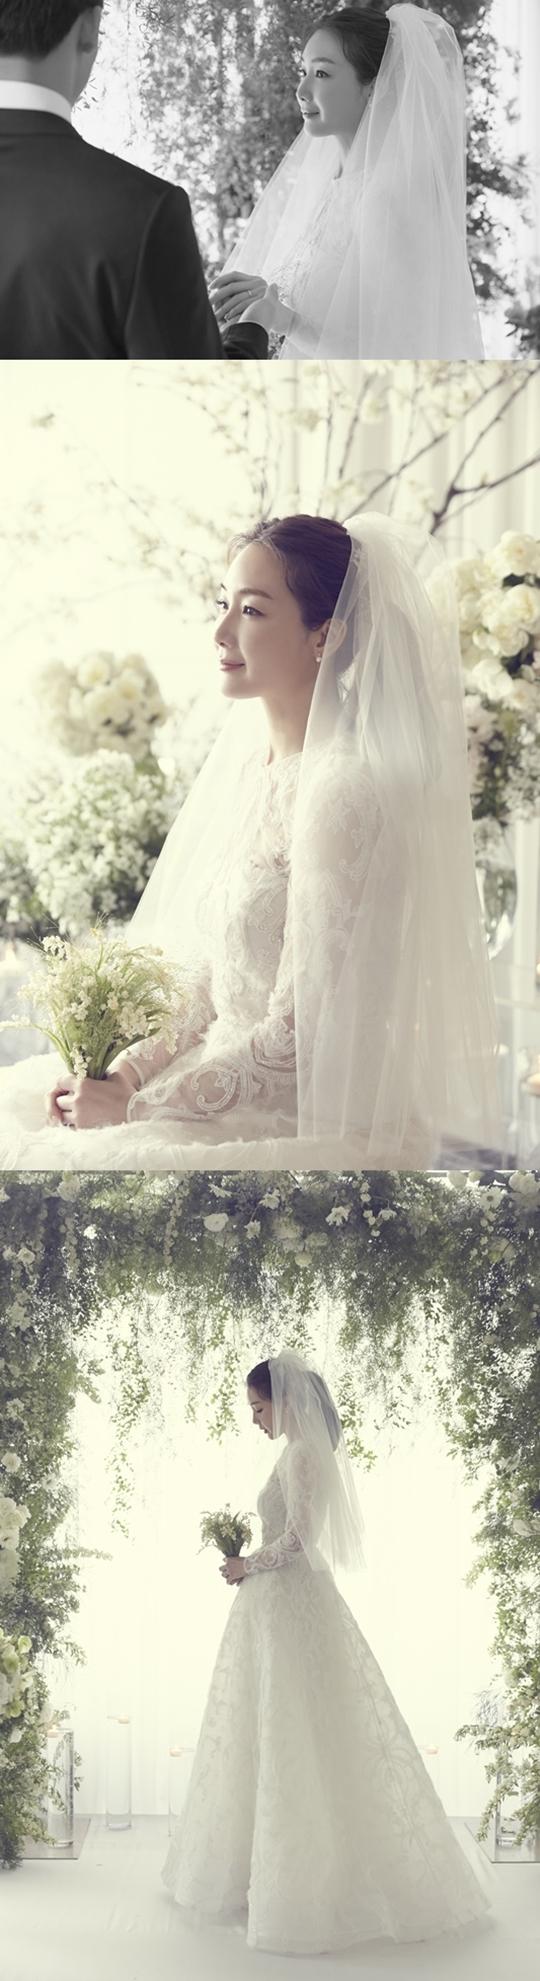 최지우 결혼사진